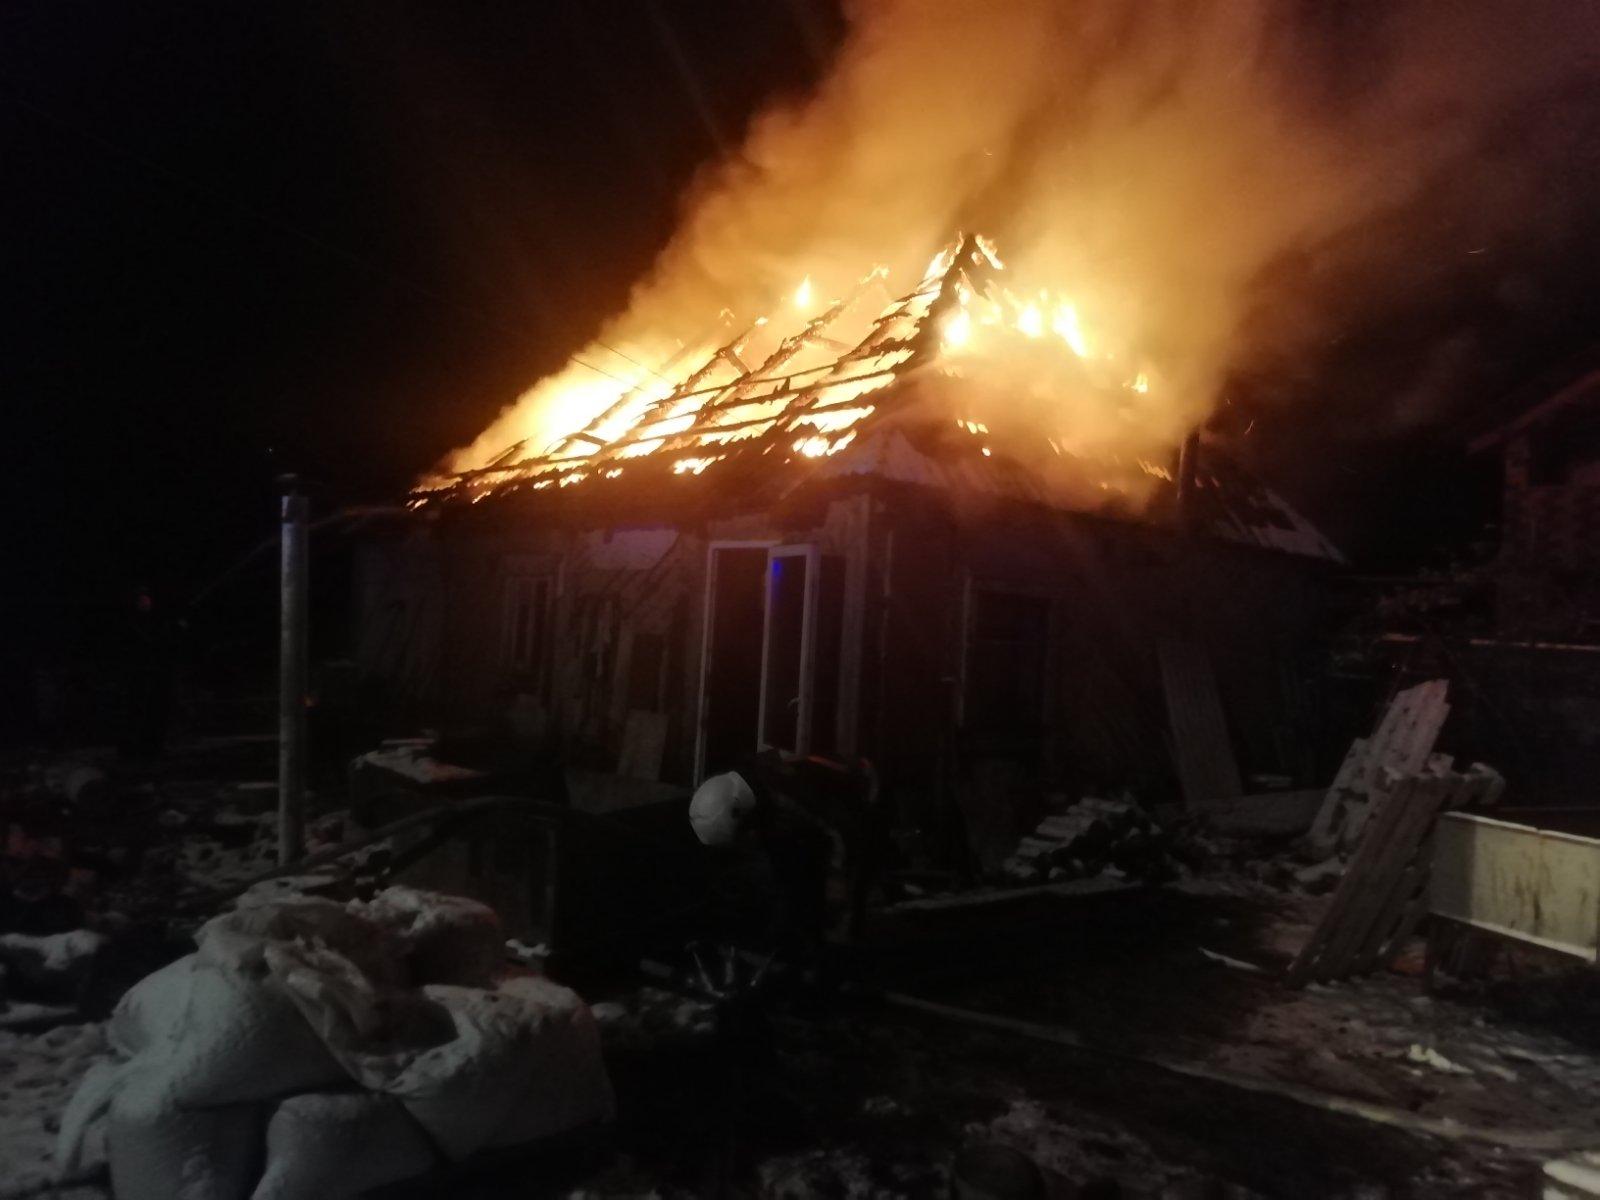 У Василькові вщент згорів будинок - пожежа - 0 02 05 a28bd3176dd348b51248760f0da2b78024d23e0801f0b575f21763642a96ae63 cd116647